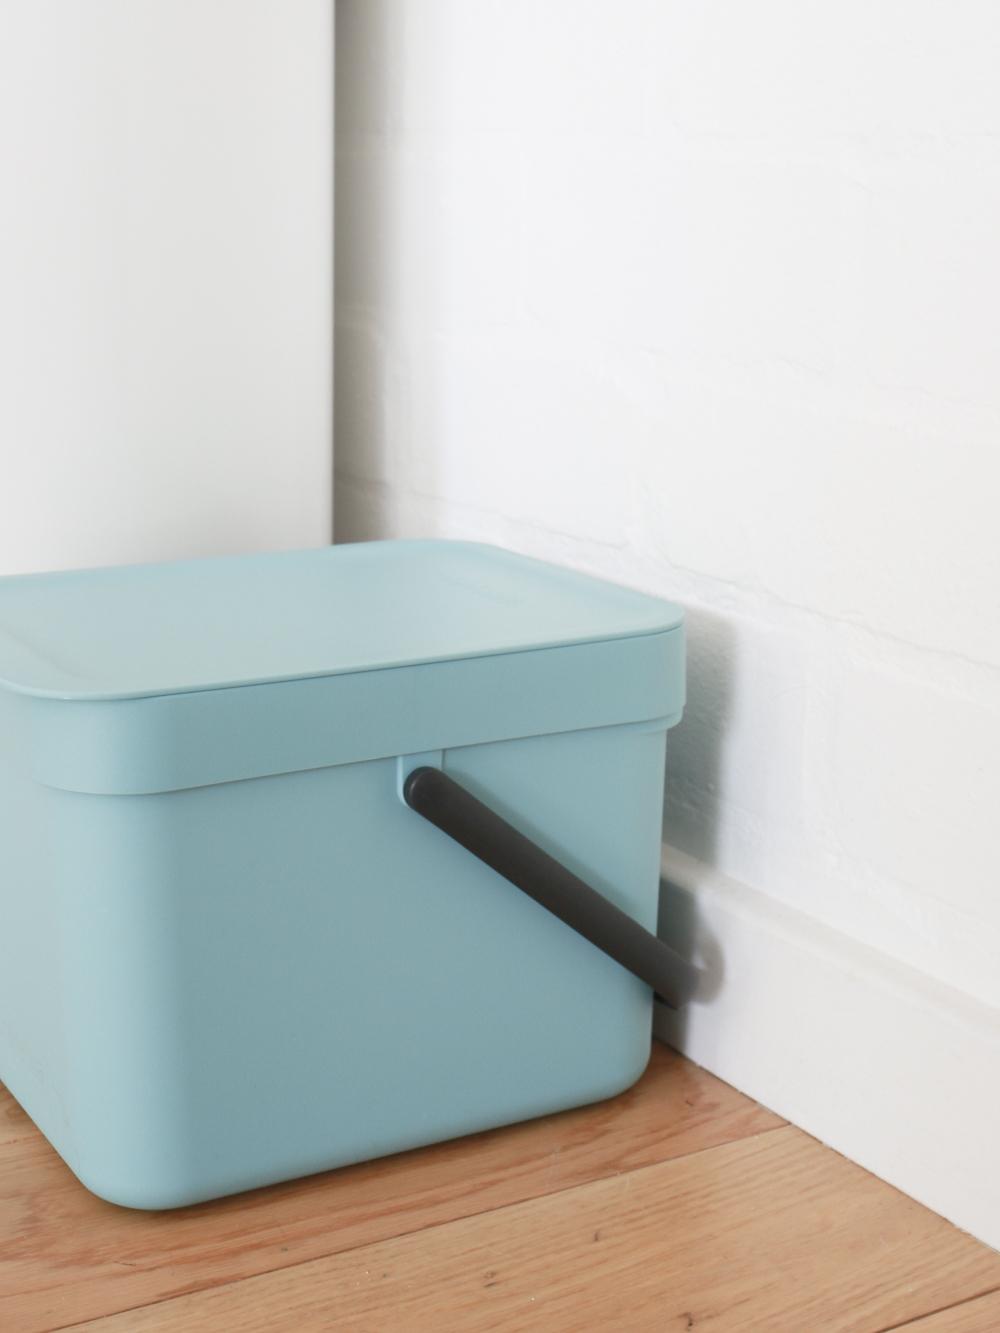 Brabantia recycling bin